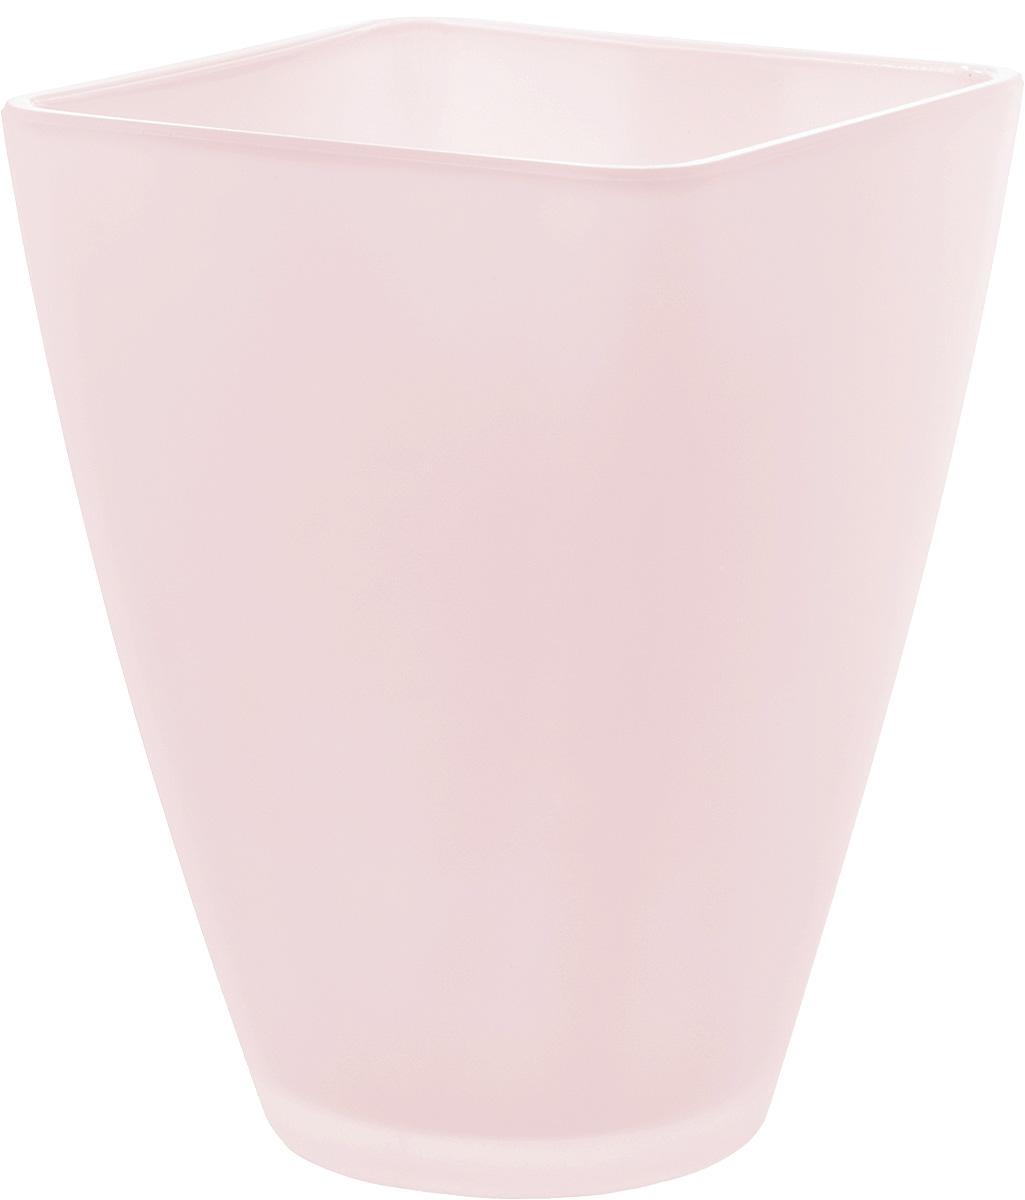 Кашпо Nina Glass Холли, цвет: розовый, 1,2 лNG91-022RПродукция завода под брендом NinaGlass известна российскому потребителю необычностью форм и оригинальным декорированием. Главным достоинством стеклянных горшков является отсутствие пористости на их внутренней поверхности, что делает безопасной смену растительного состава. Предприятие производит два вида изделий для флористов:- стеклянные цветочные горшки с отверстием в дне для посадки в них цветов и растений и подставкой под горшок в виде блюдца;- кашпо без отверстия для укладки в них пластиковых контейнеров с цветами и растениями.Горшки и кашпо изготавливаются из опалового триплексного (тройного) стекла с различными видами декорирования водо- и износостойкими красками. Возможна окраска изделий изнутри. Матовая поверхность и окраска изнутри создают объемный эффект, а сами цвета очень мягкие и приятные. Также интересны и формы изделий, выполненные методом центробежного формования: - горшки НТ - современная модель горшка с поддоном, которые смотрятся как единое целое и обладают устойчивым широким дном;- кашпо НТ - глубокие, с небольшим радиусом выпуклости, хорошим широким дном. Кашпо-подсвечники в форме куба можно считать дополнительной опцией: вы можете оформить интерьер не только оригинальными горшками и кашпо, но также весьма привлекательными подсвечниками.Доступны 5 размеров горшков и кашпо и 3 размера кашпо-кубов. Продукция TM NinaGlass безопасна, функциональна, прочна и уникальна. Горшки и кашпо способны создать неповторимое настроение и стать центром интерьера в любом помещении.